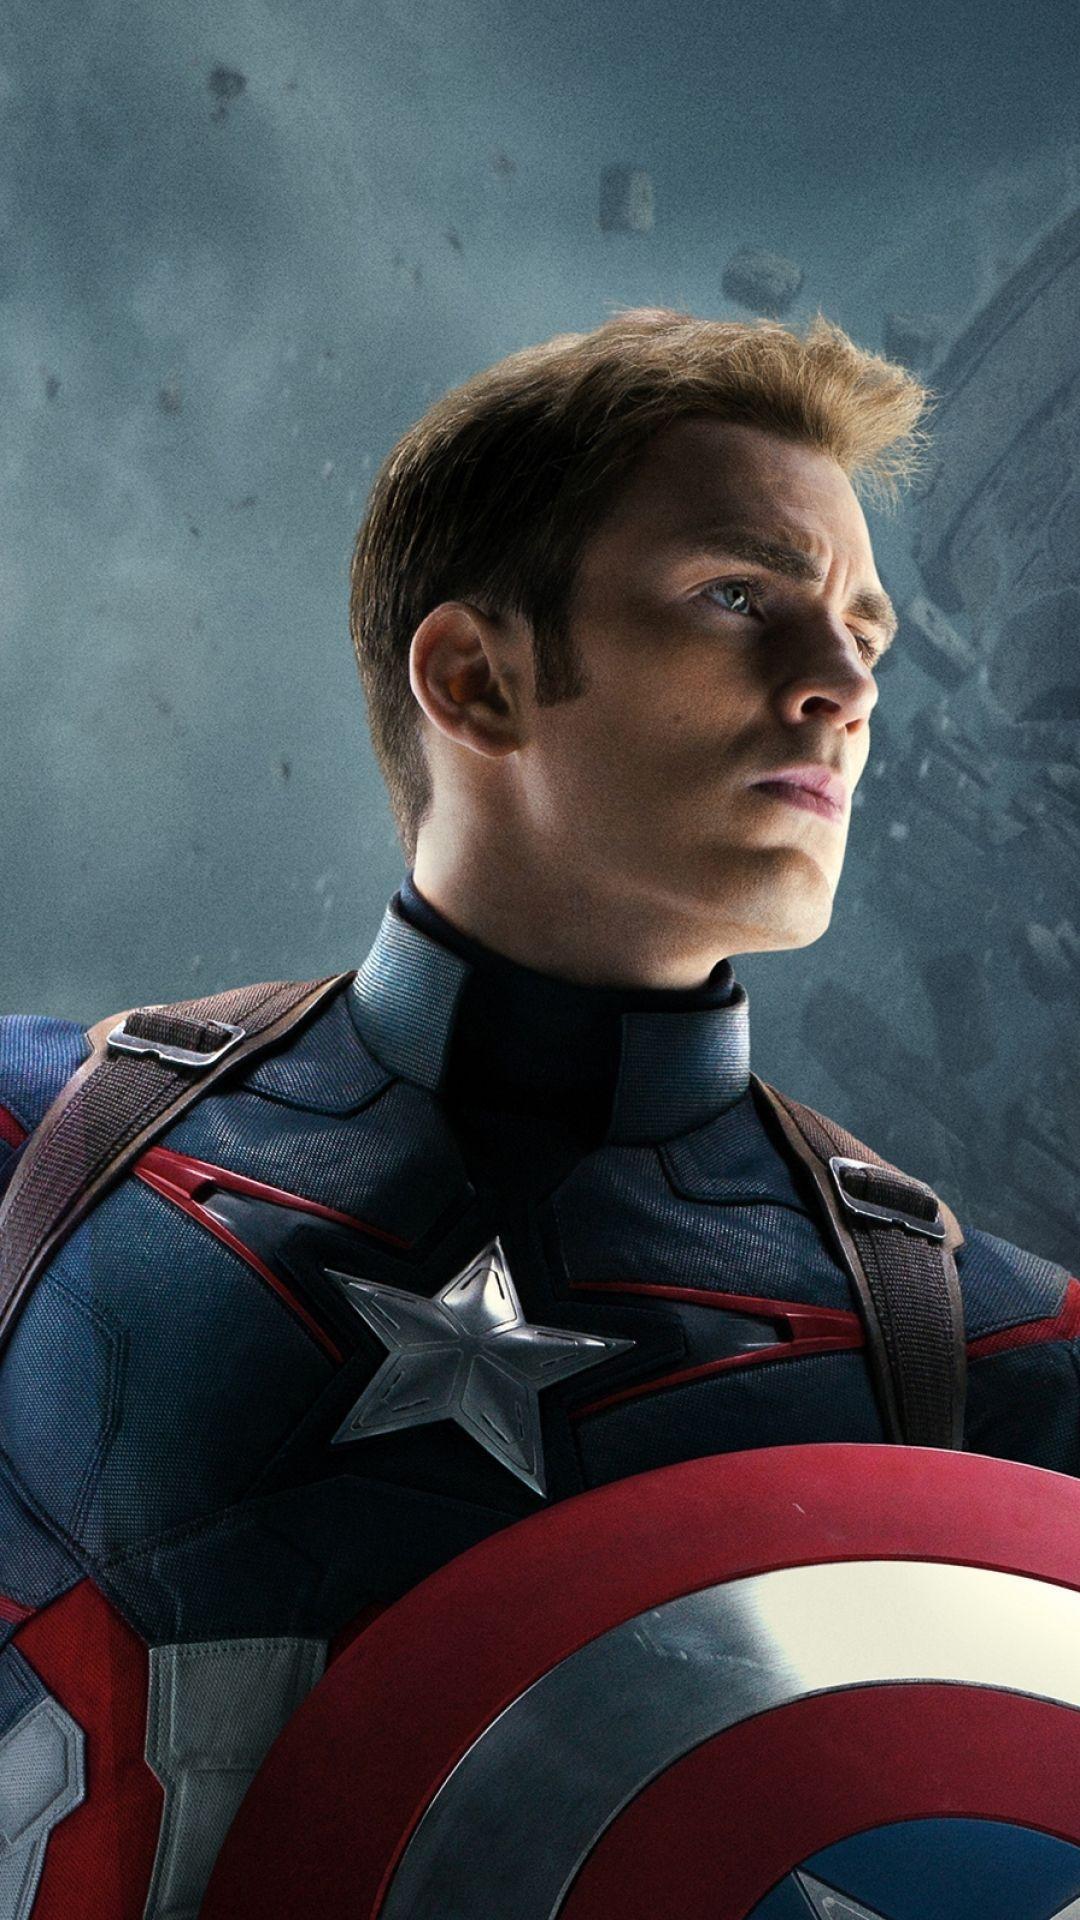 Chris Evans Captain America Wallpapers Top Free Chris Evans Captain America Backgrounds Chris Evans Captain America Captain America Captain America Wallpaper